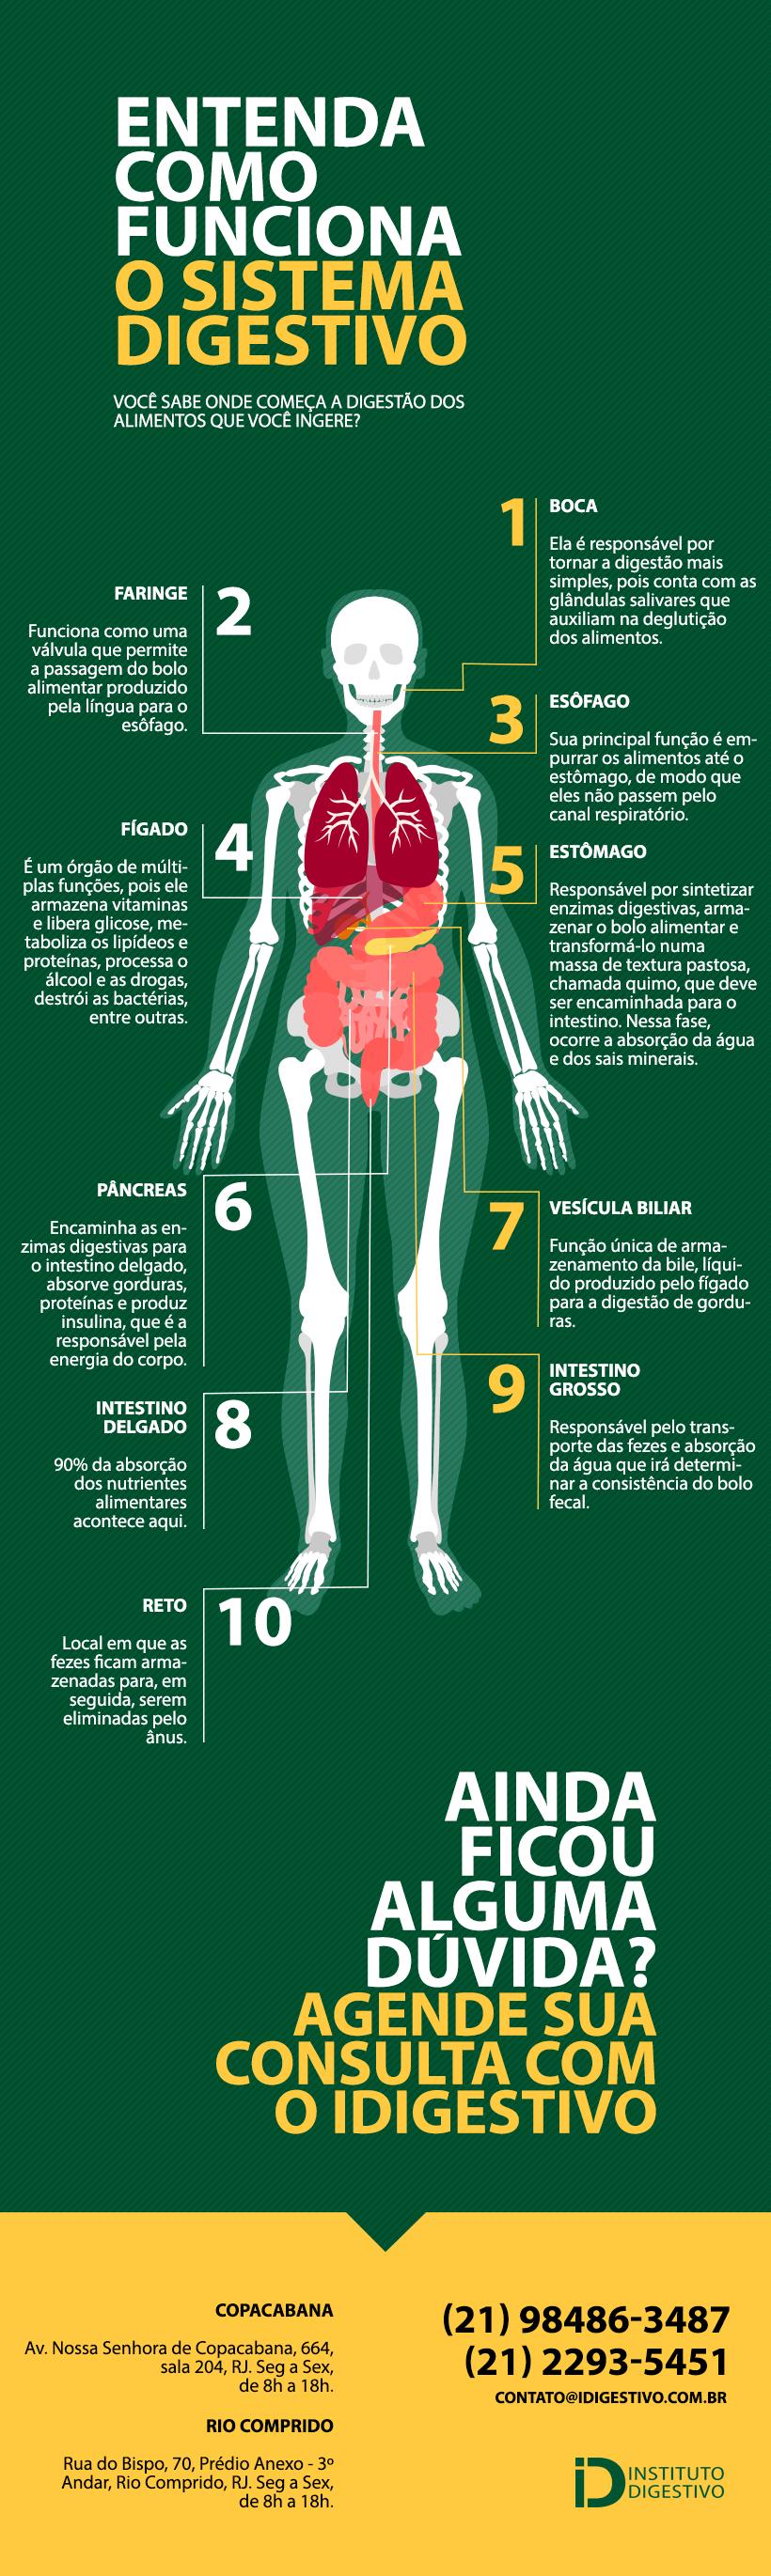 Como-funciona-sistema-digestivo-infografico-clinica-idigestivo